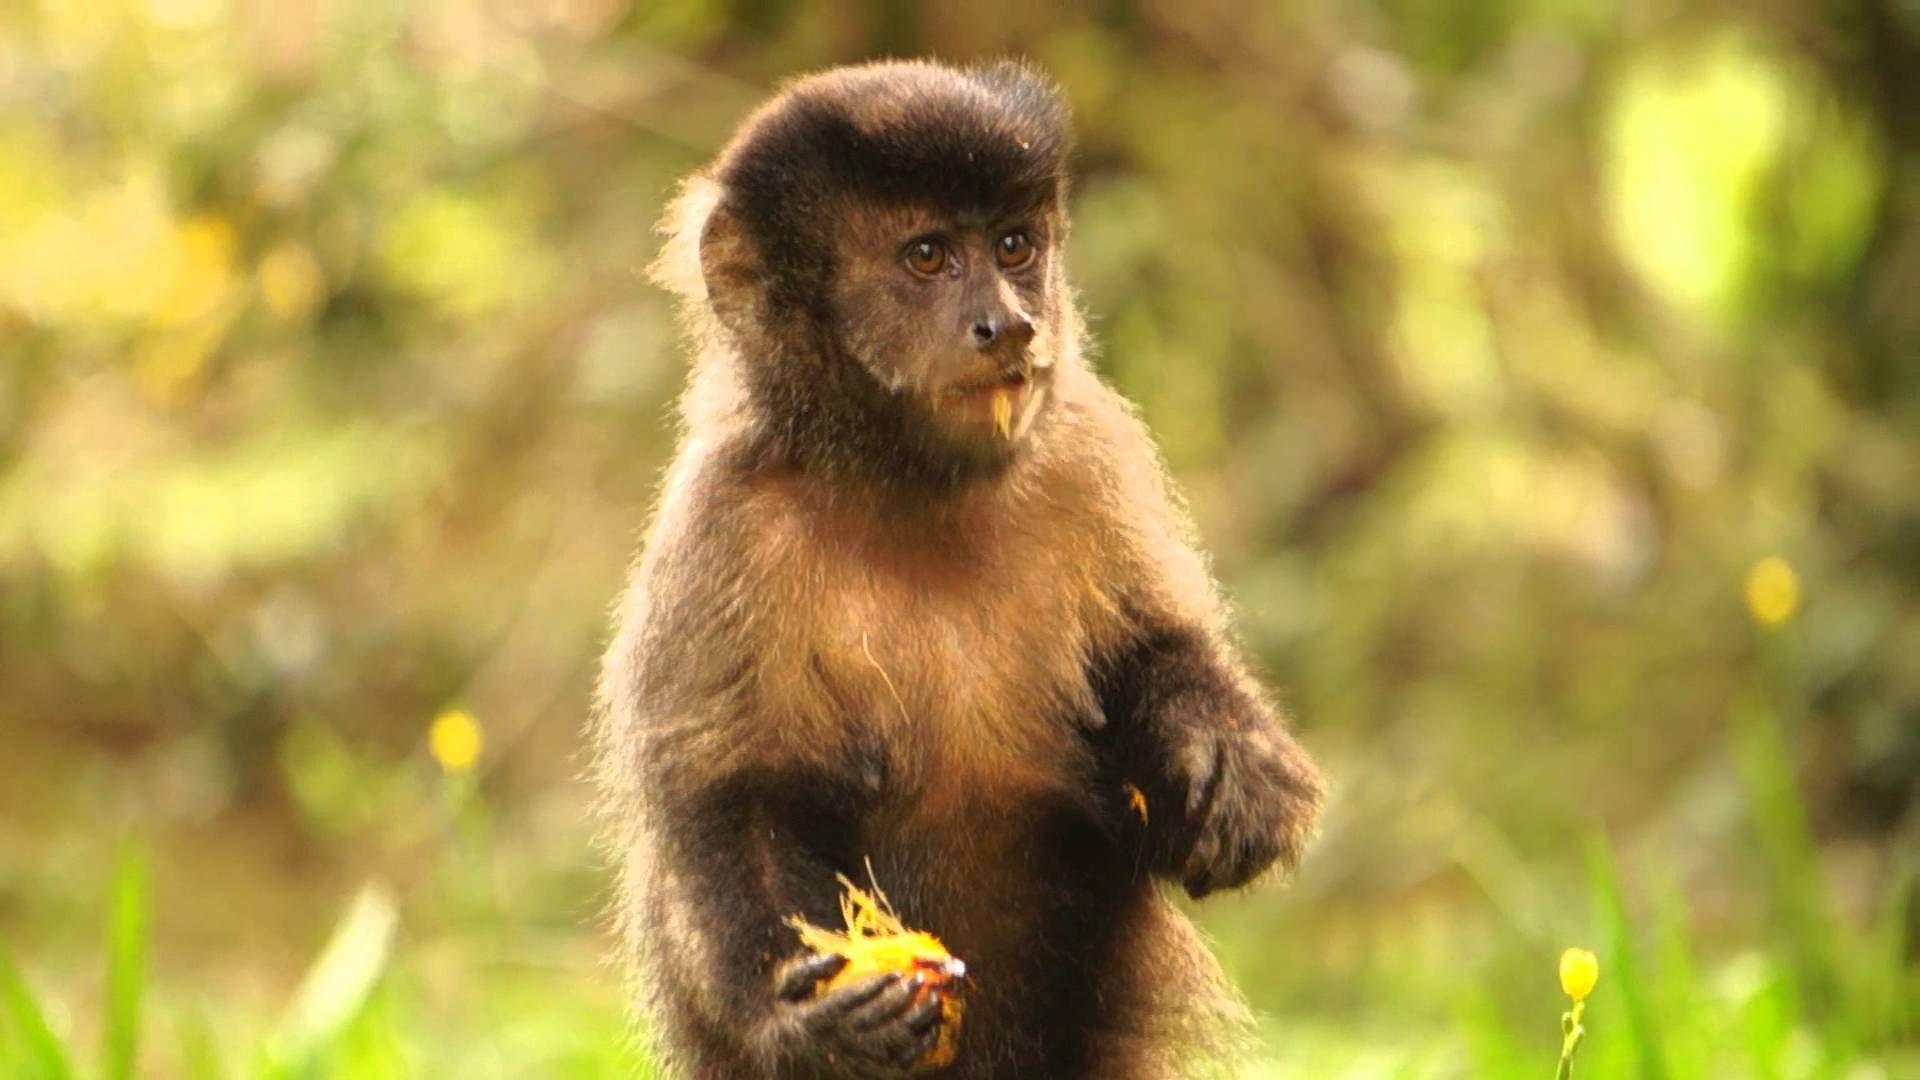 SES afirmou que não há casos, até o momento, da doença em macacos ou humanos no município. / Agência Brasil